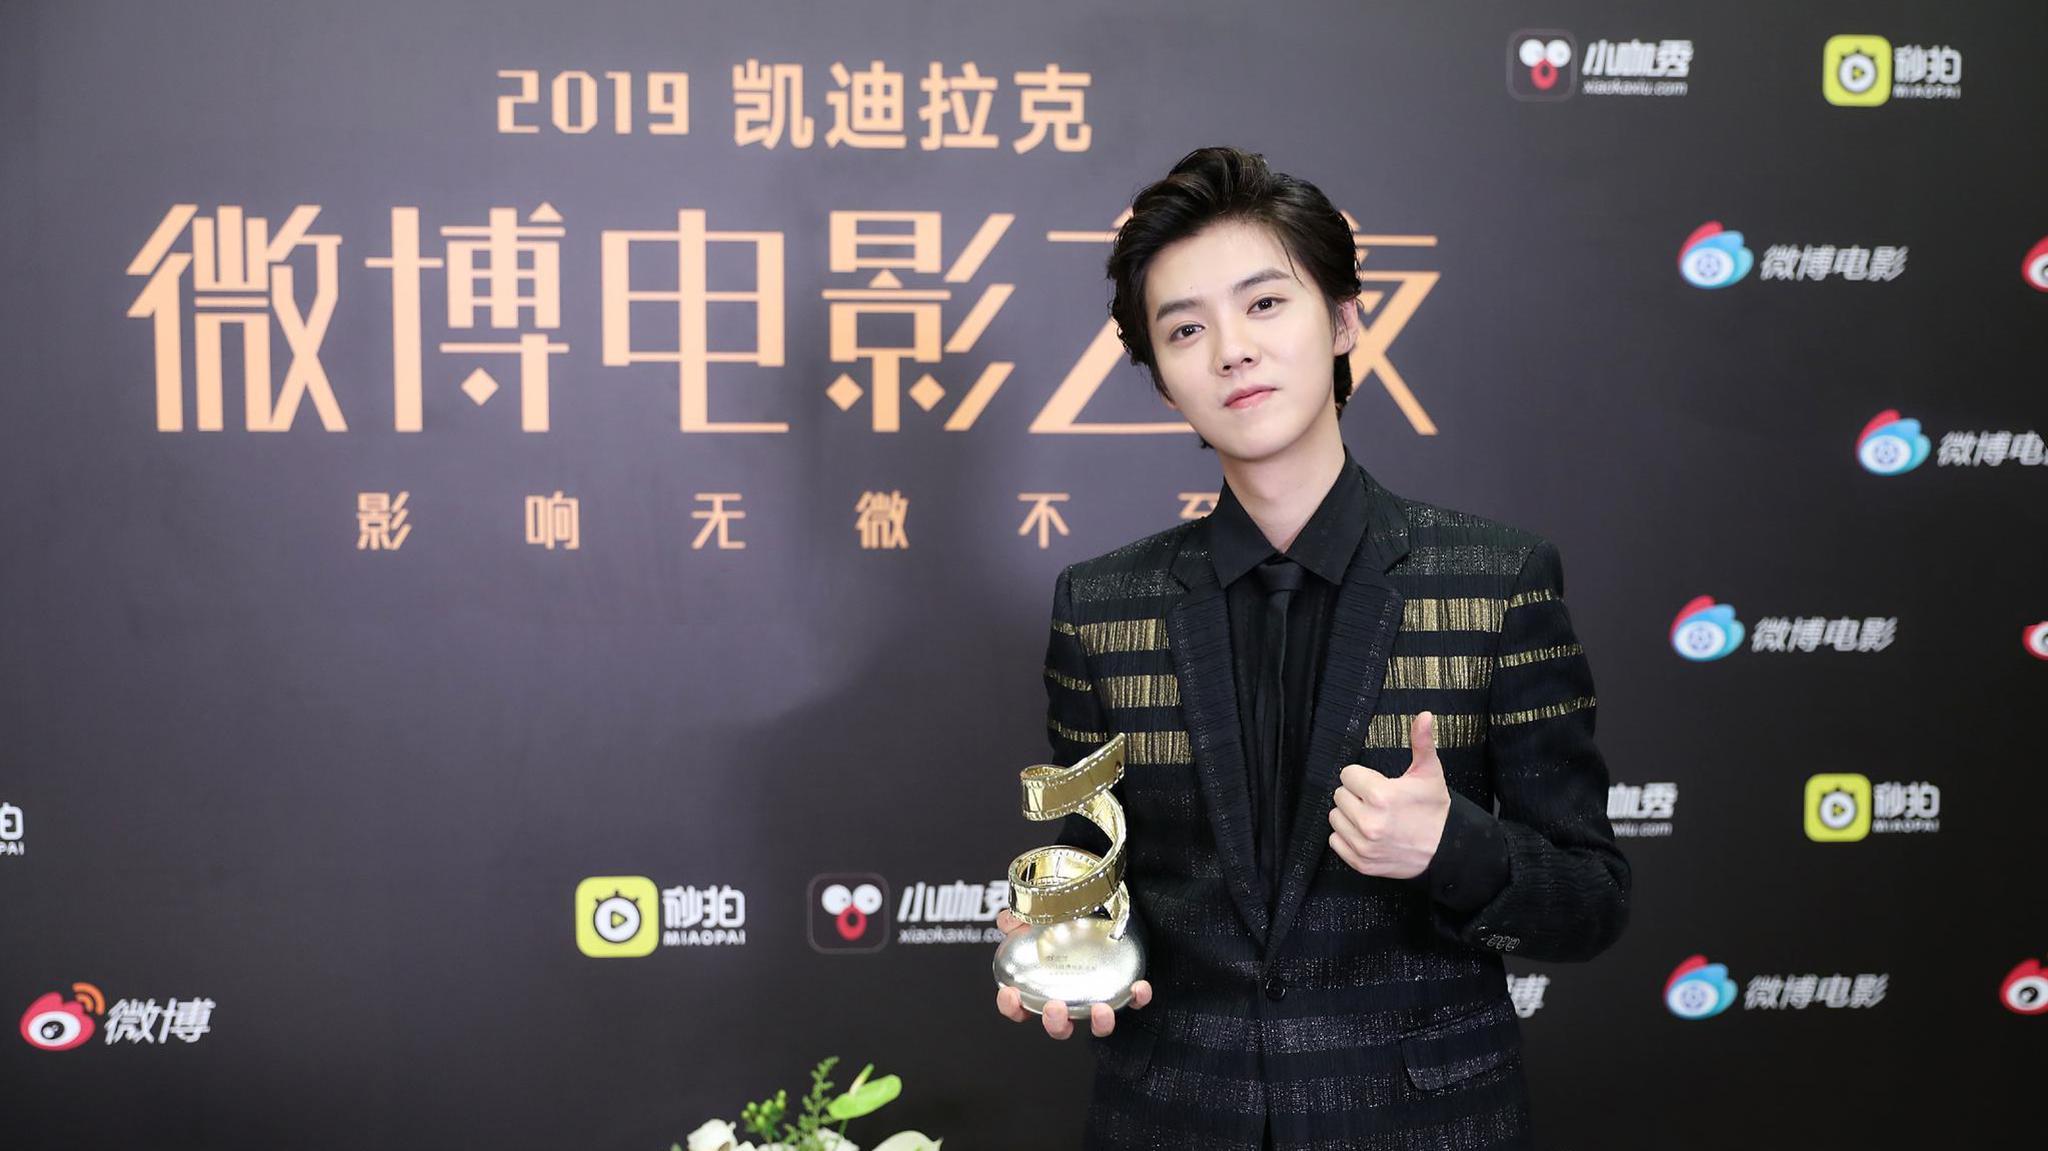 2019微博电影之夜独家对话鹿晗